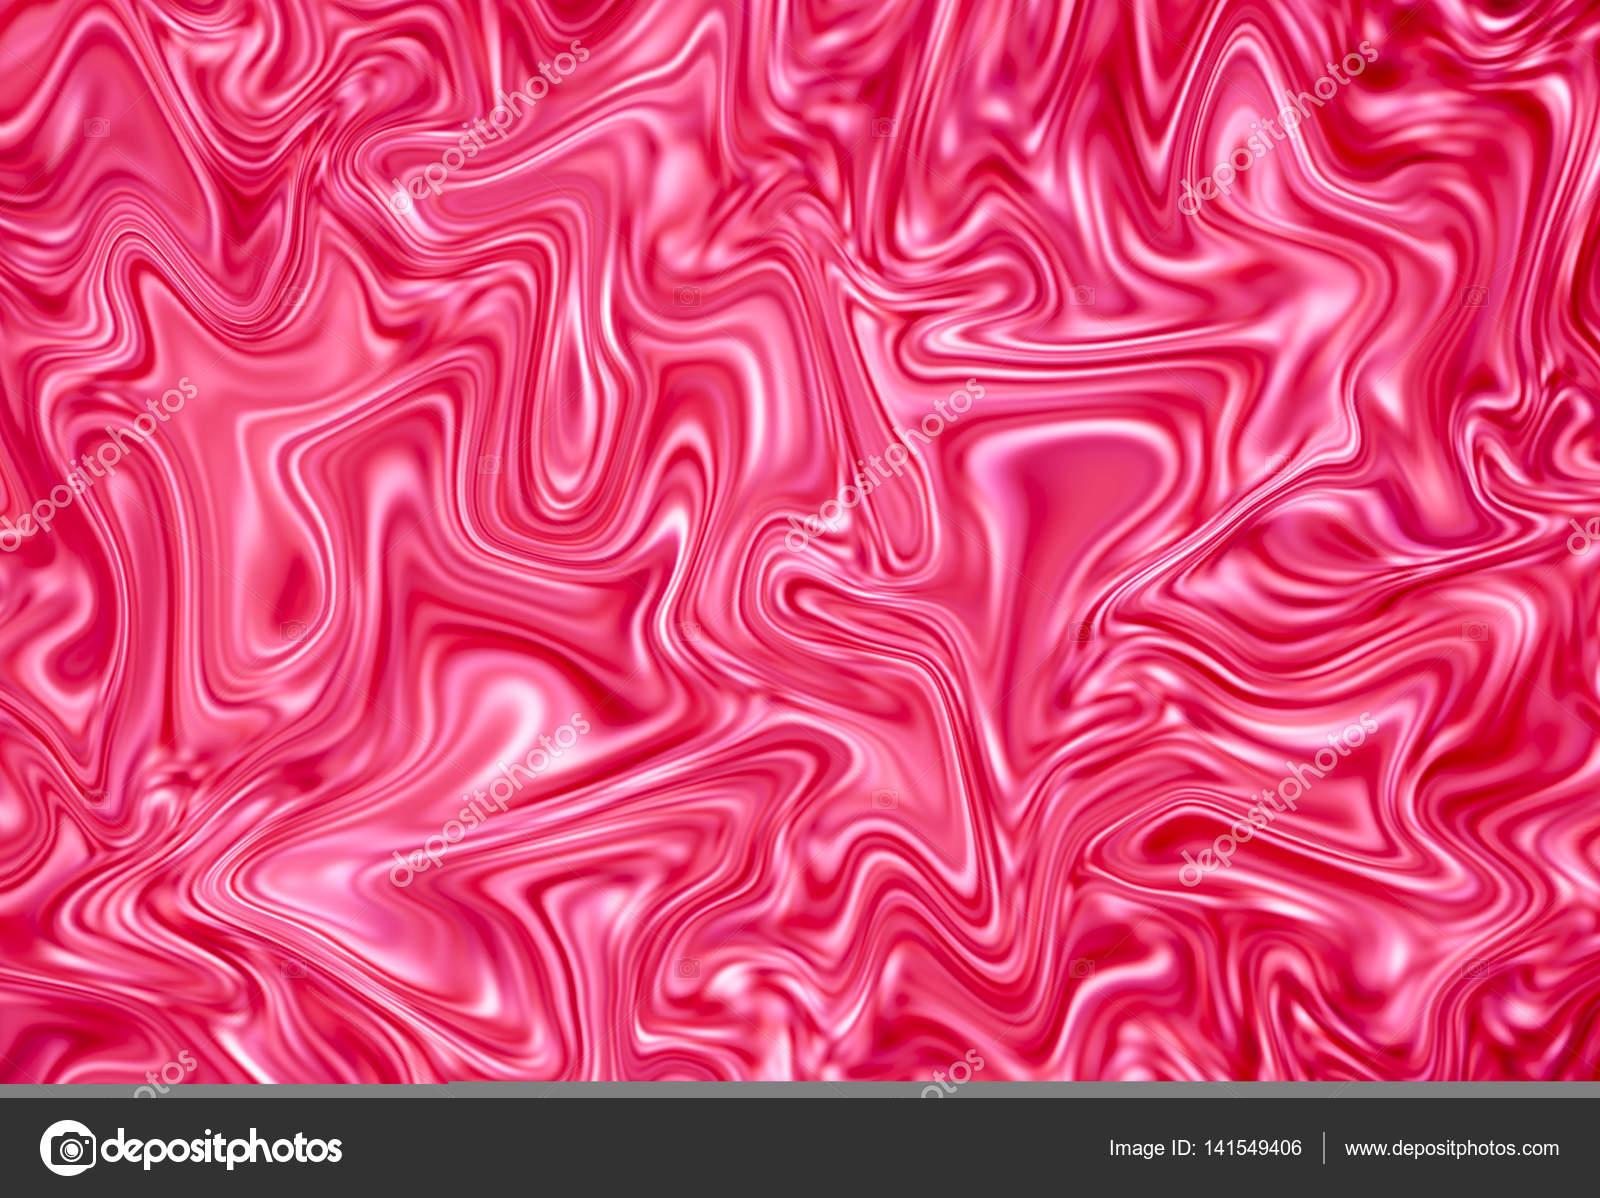 Illustrazione Sfondi Marmo Bianco E Rosa Astratto Sfondo Rosa E